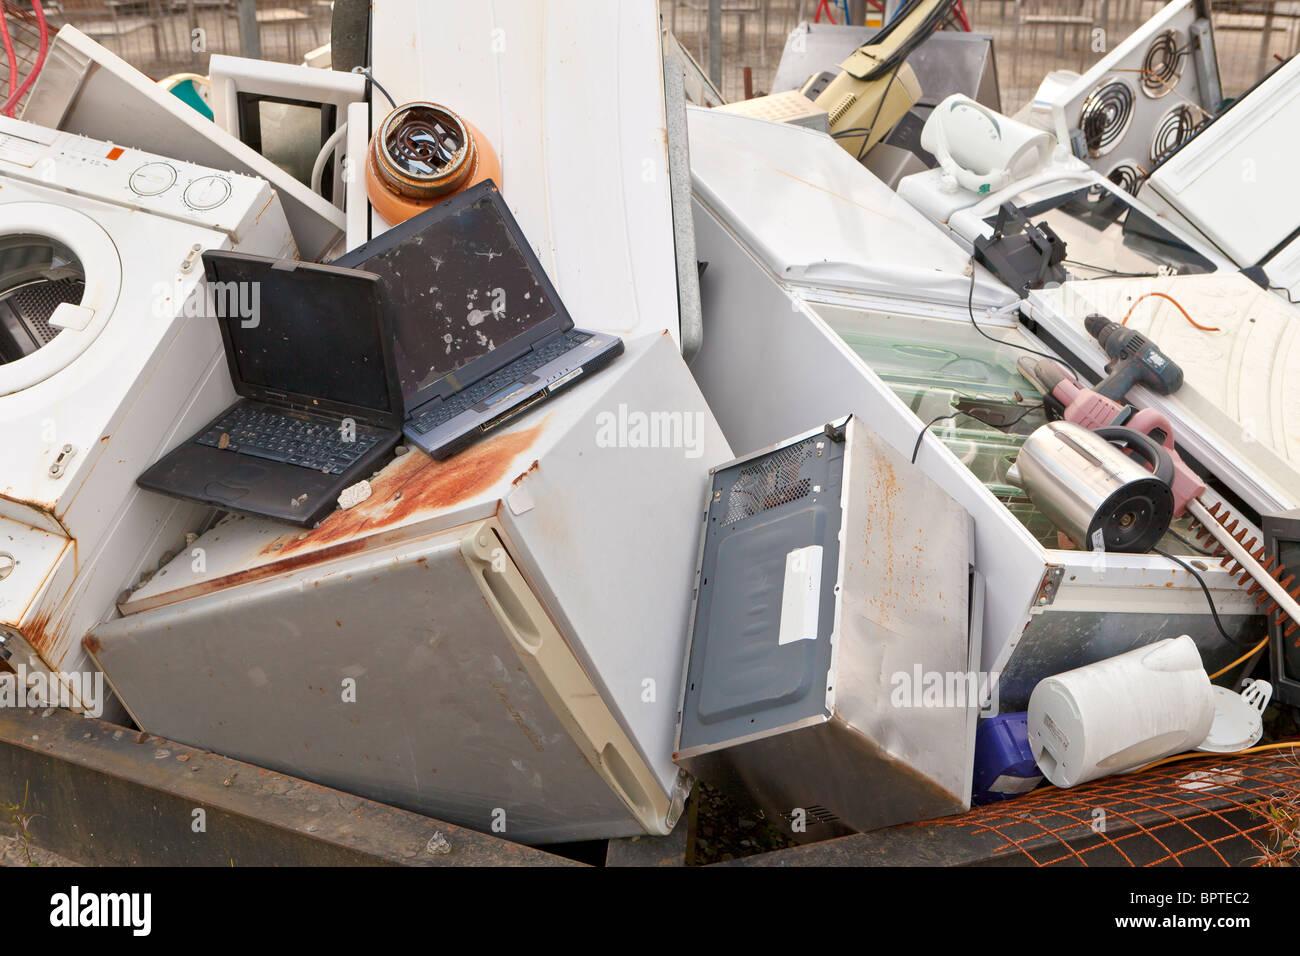 Les appareils ménagers pour recyclage Photo Stock